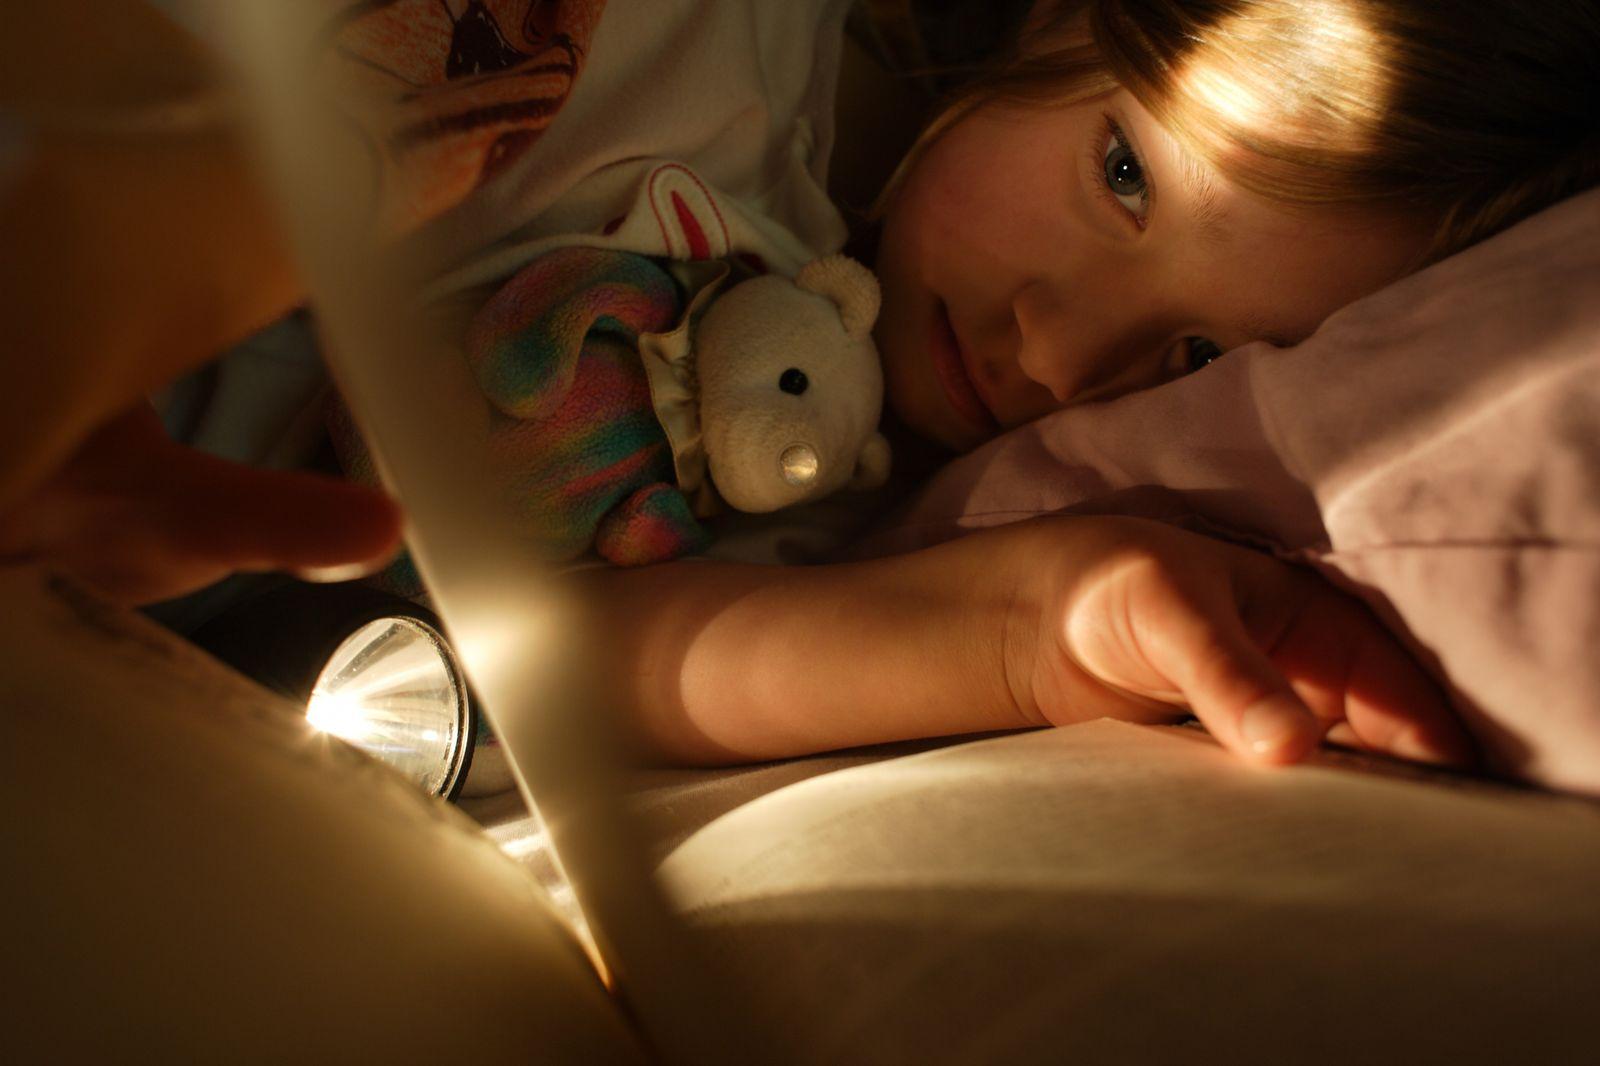 NICHT MEHR VERWENDEN! - Schlaf / Kind / Bett / Taschenlampe